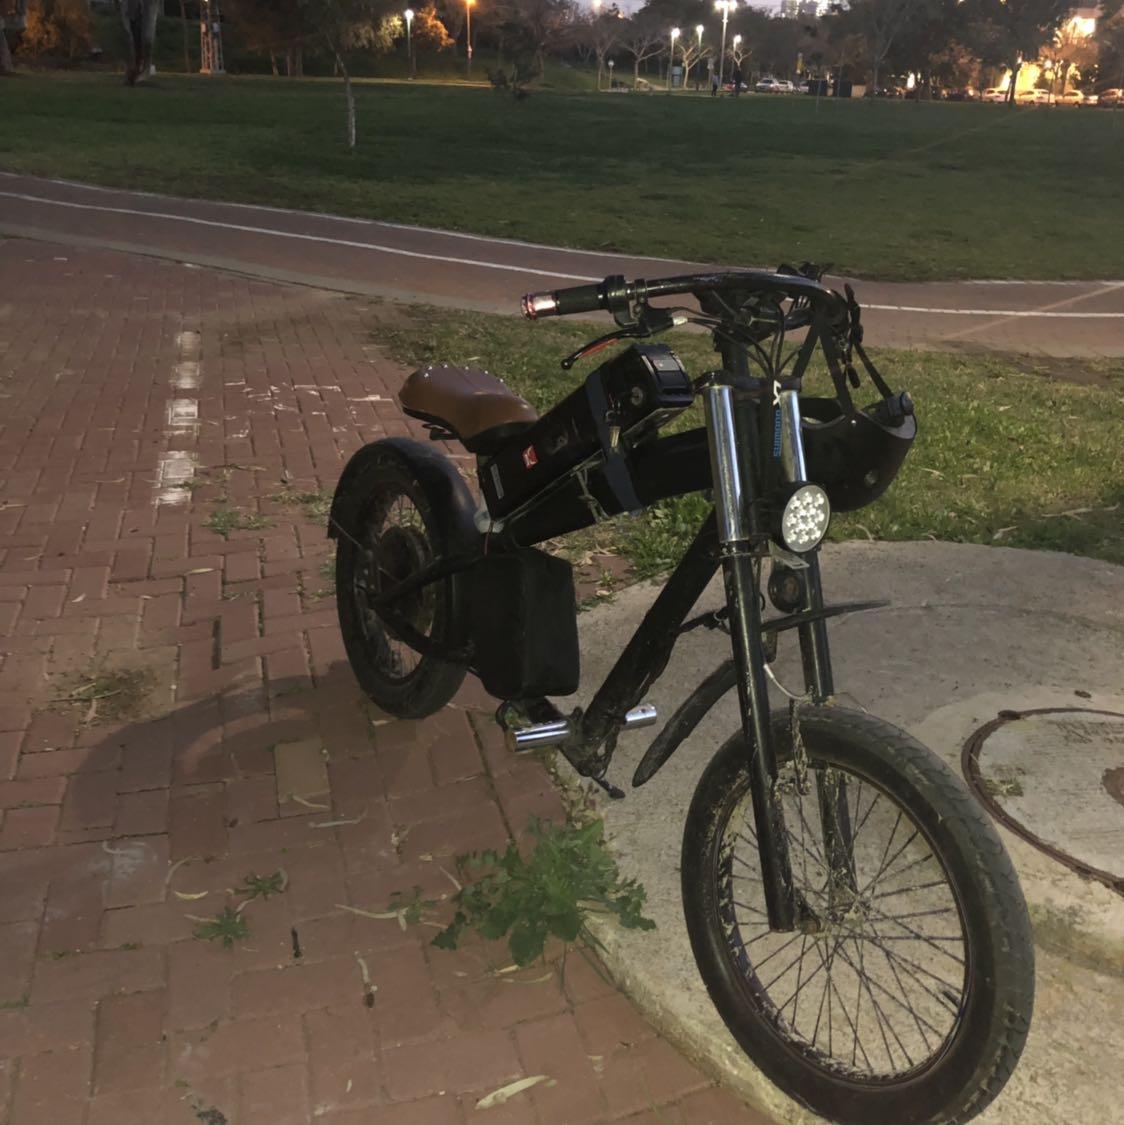 אופני-הארלי-מצב-מצוין-סוללה-48/20-אמפר-מהירות-30-35-קמש-גמיש-לרציניים-איזור-בני-ברק-רמת-גן - יד 2